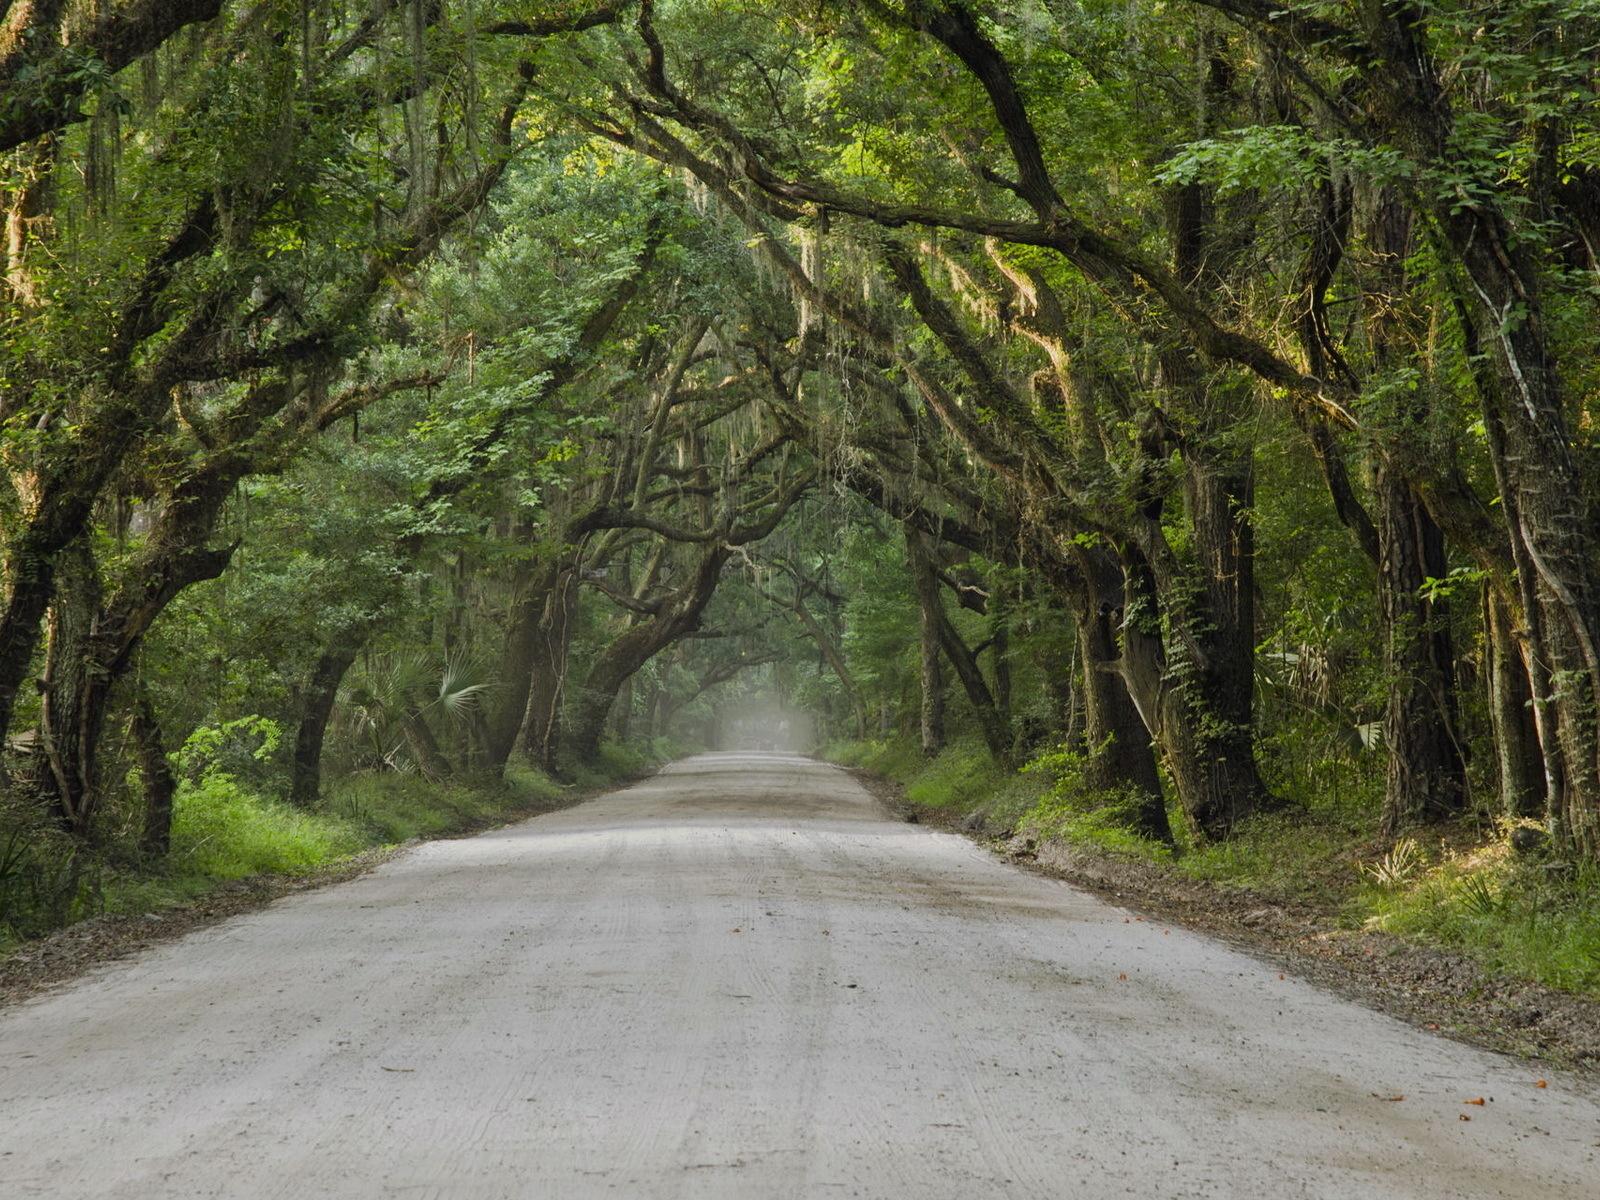 дорога, деревья, лес